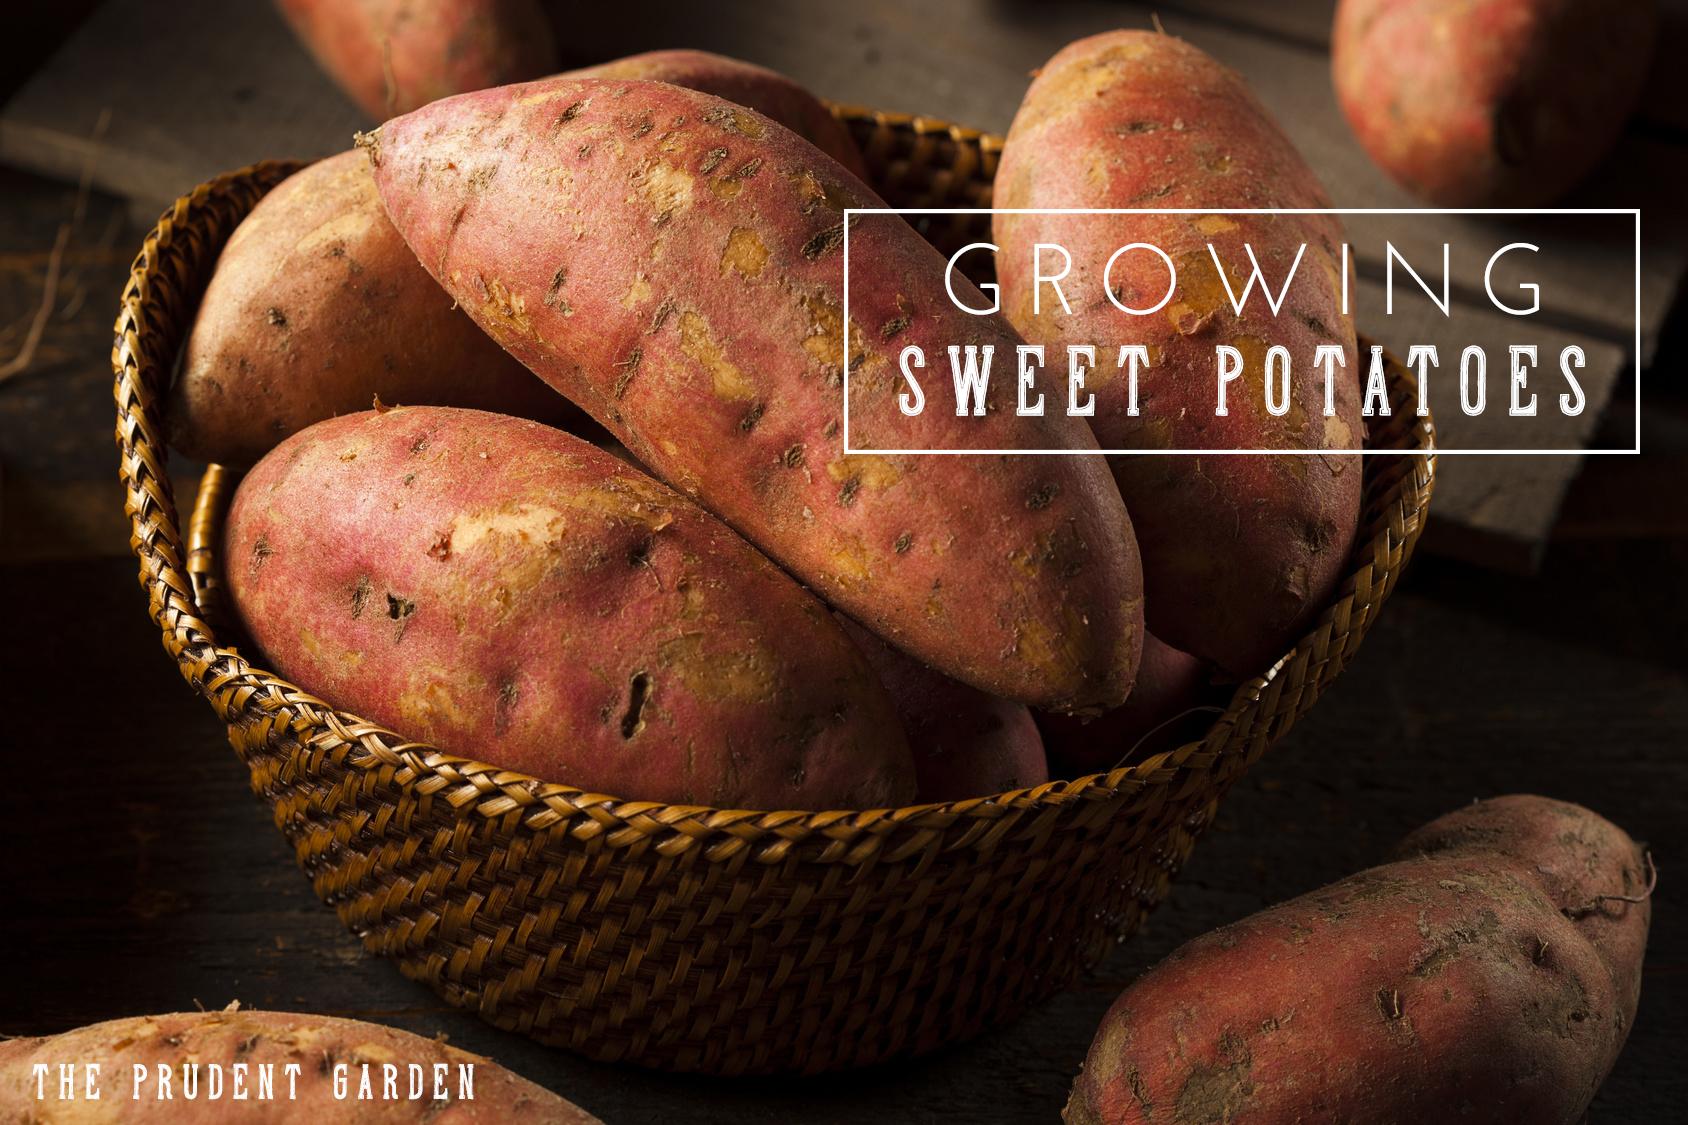 & Growing Sweet Potatoes